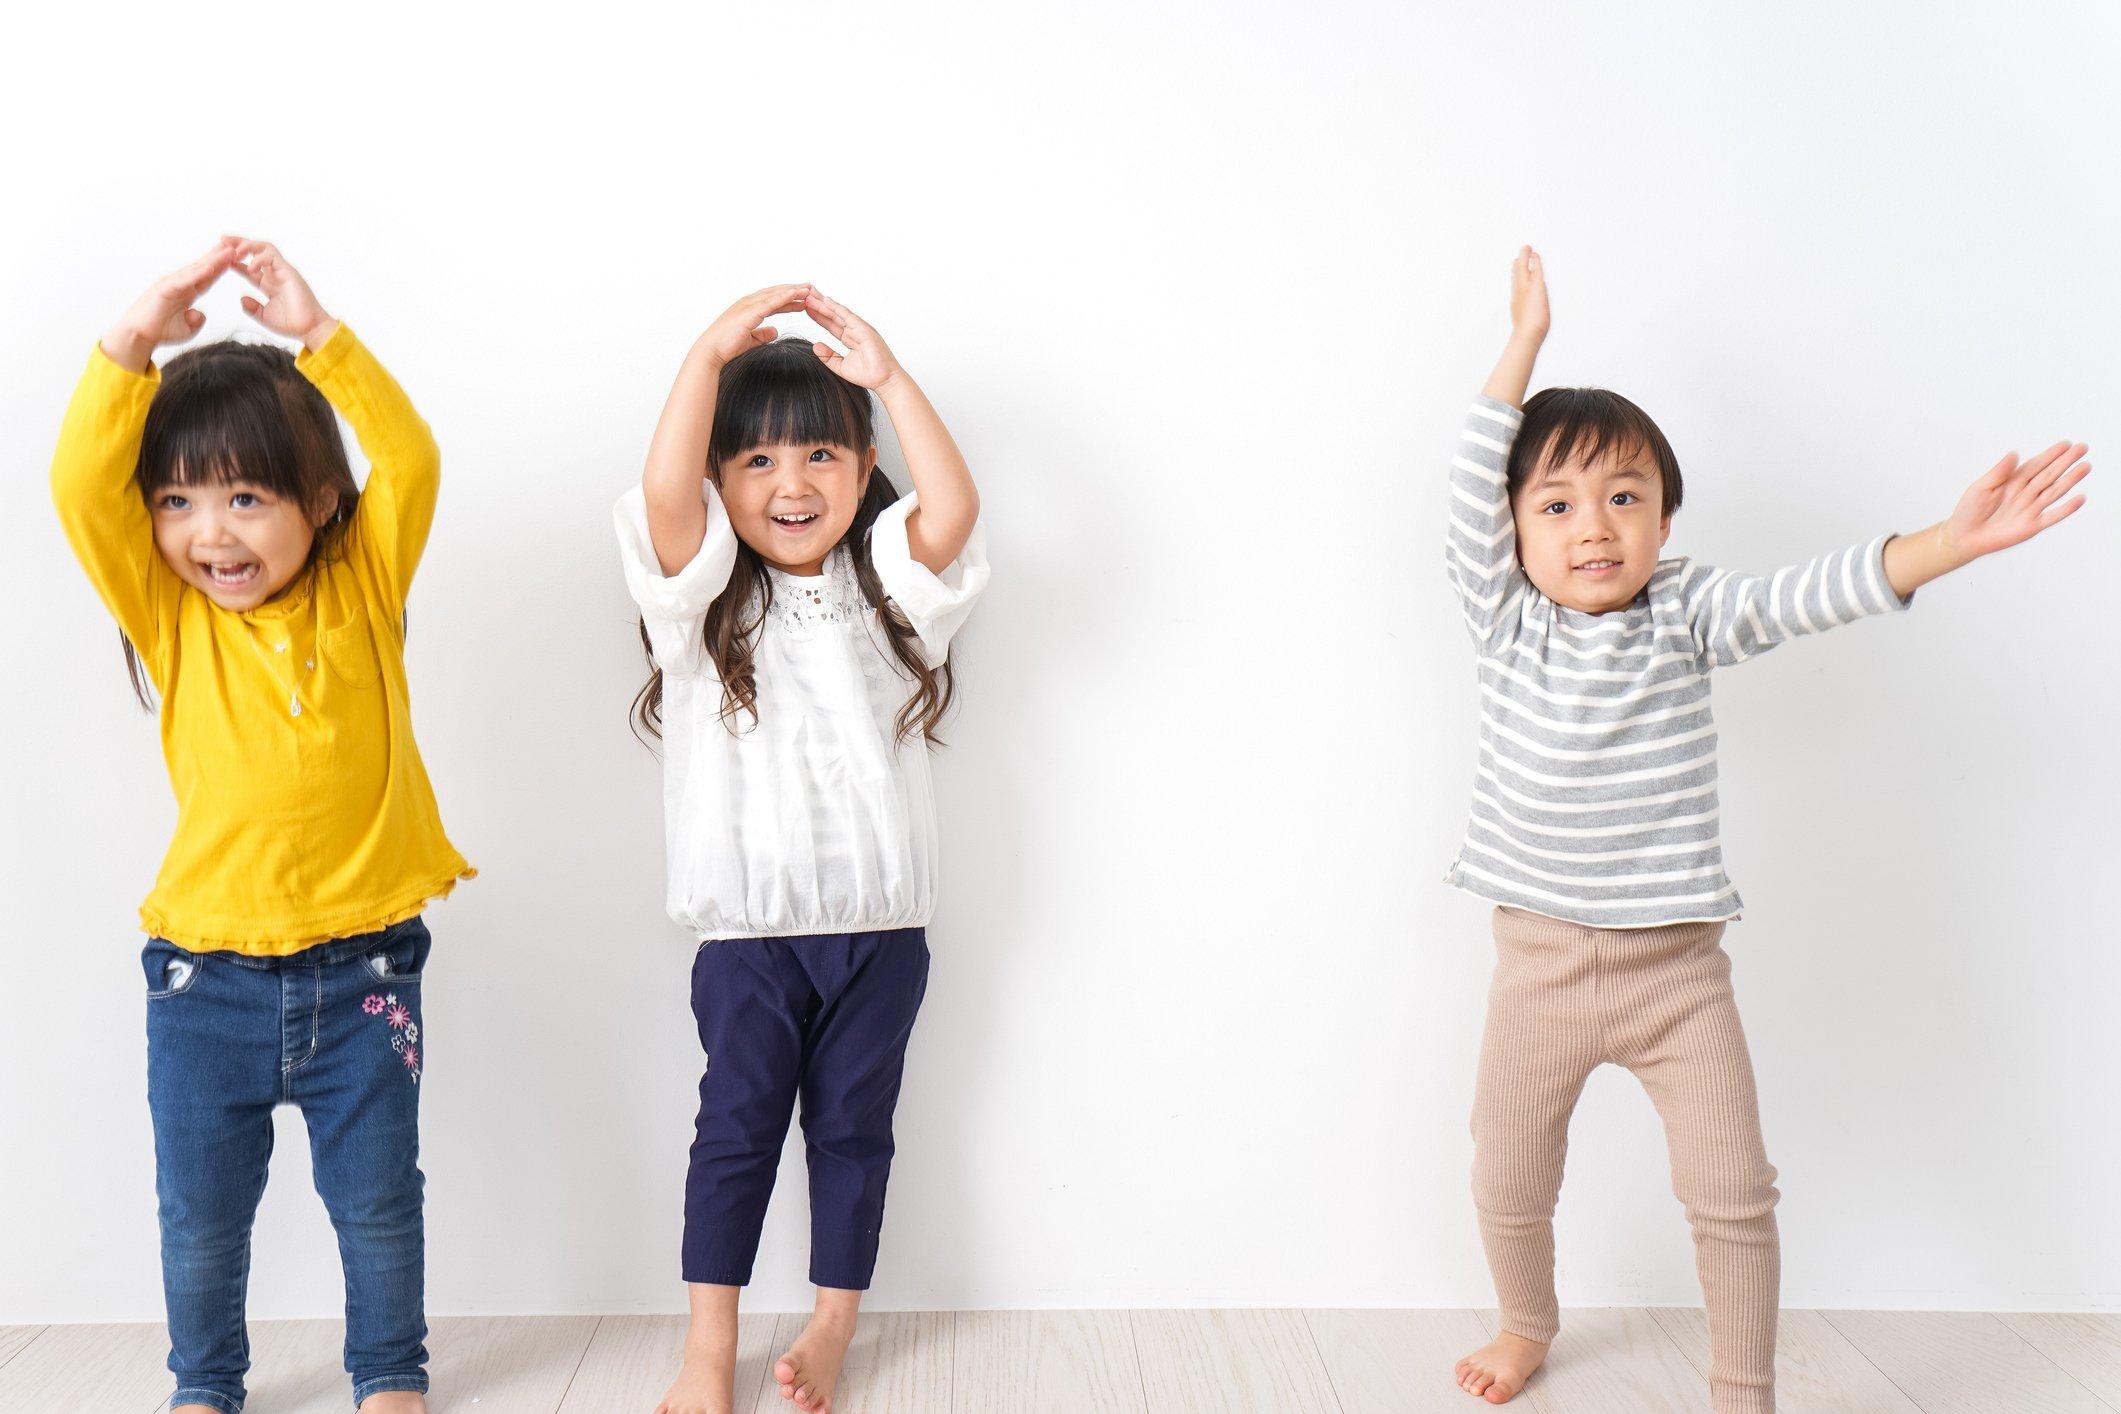 49 Activités Physiques Plaisantes À Faire Avec Des Enfants encequiconcerne Jeux En Ligne Enfant 3 Ans